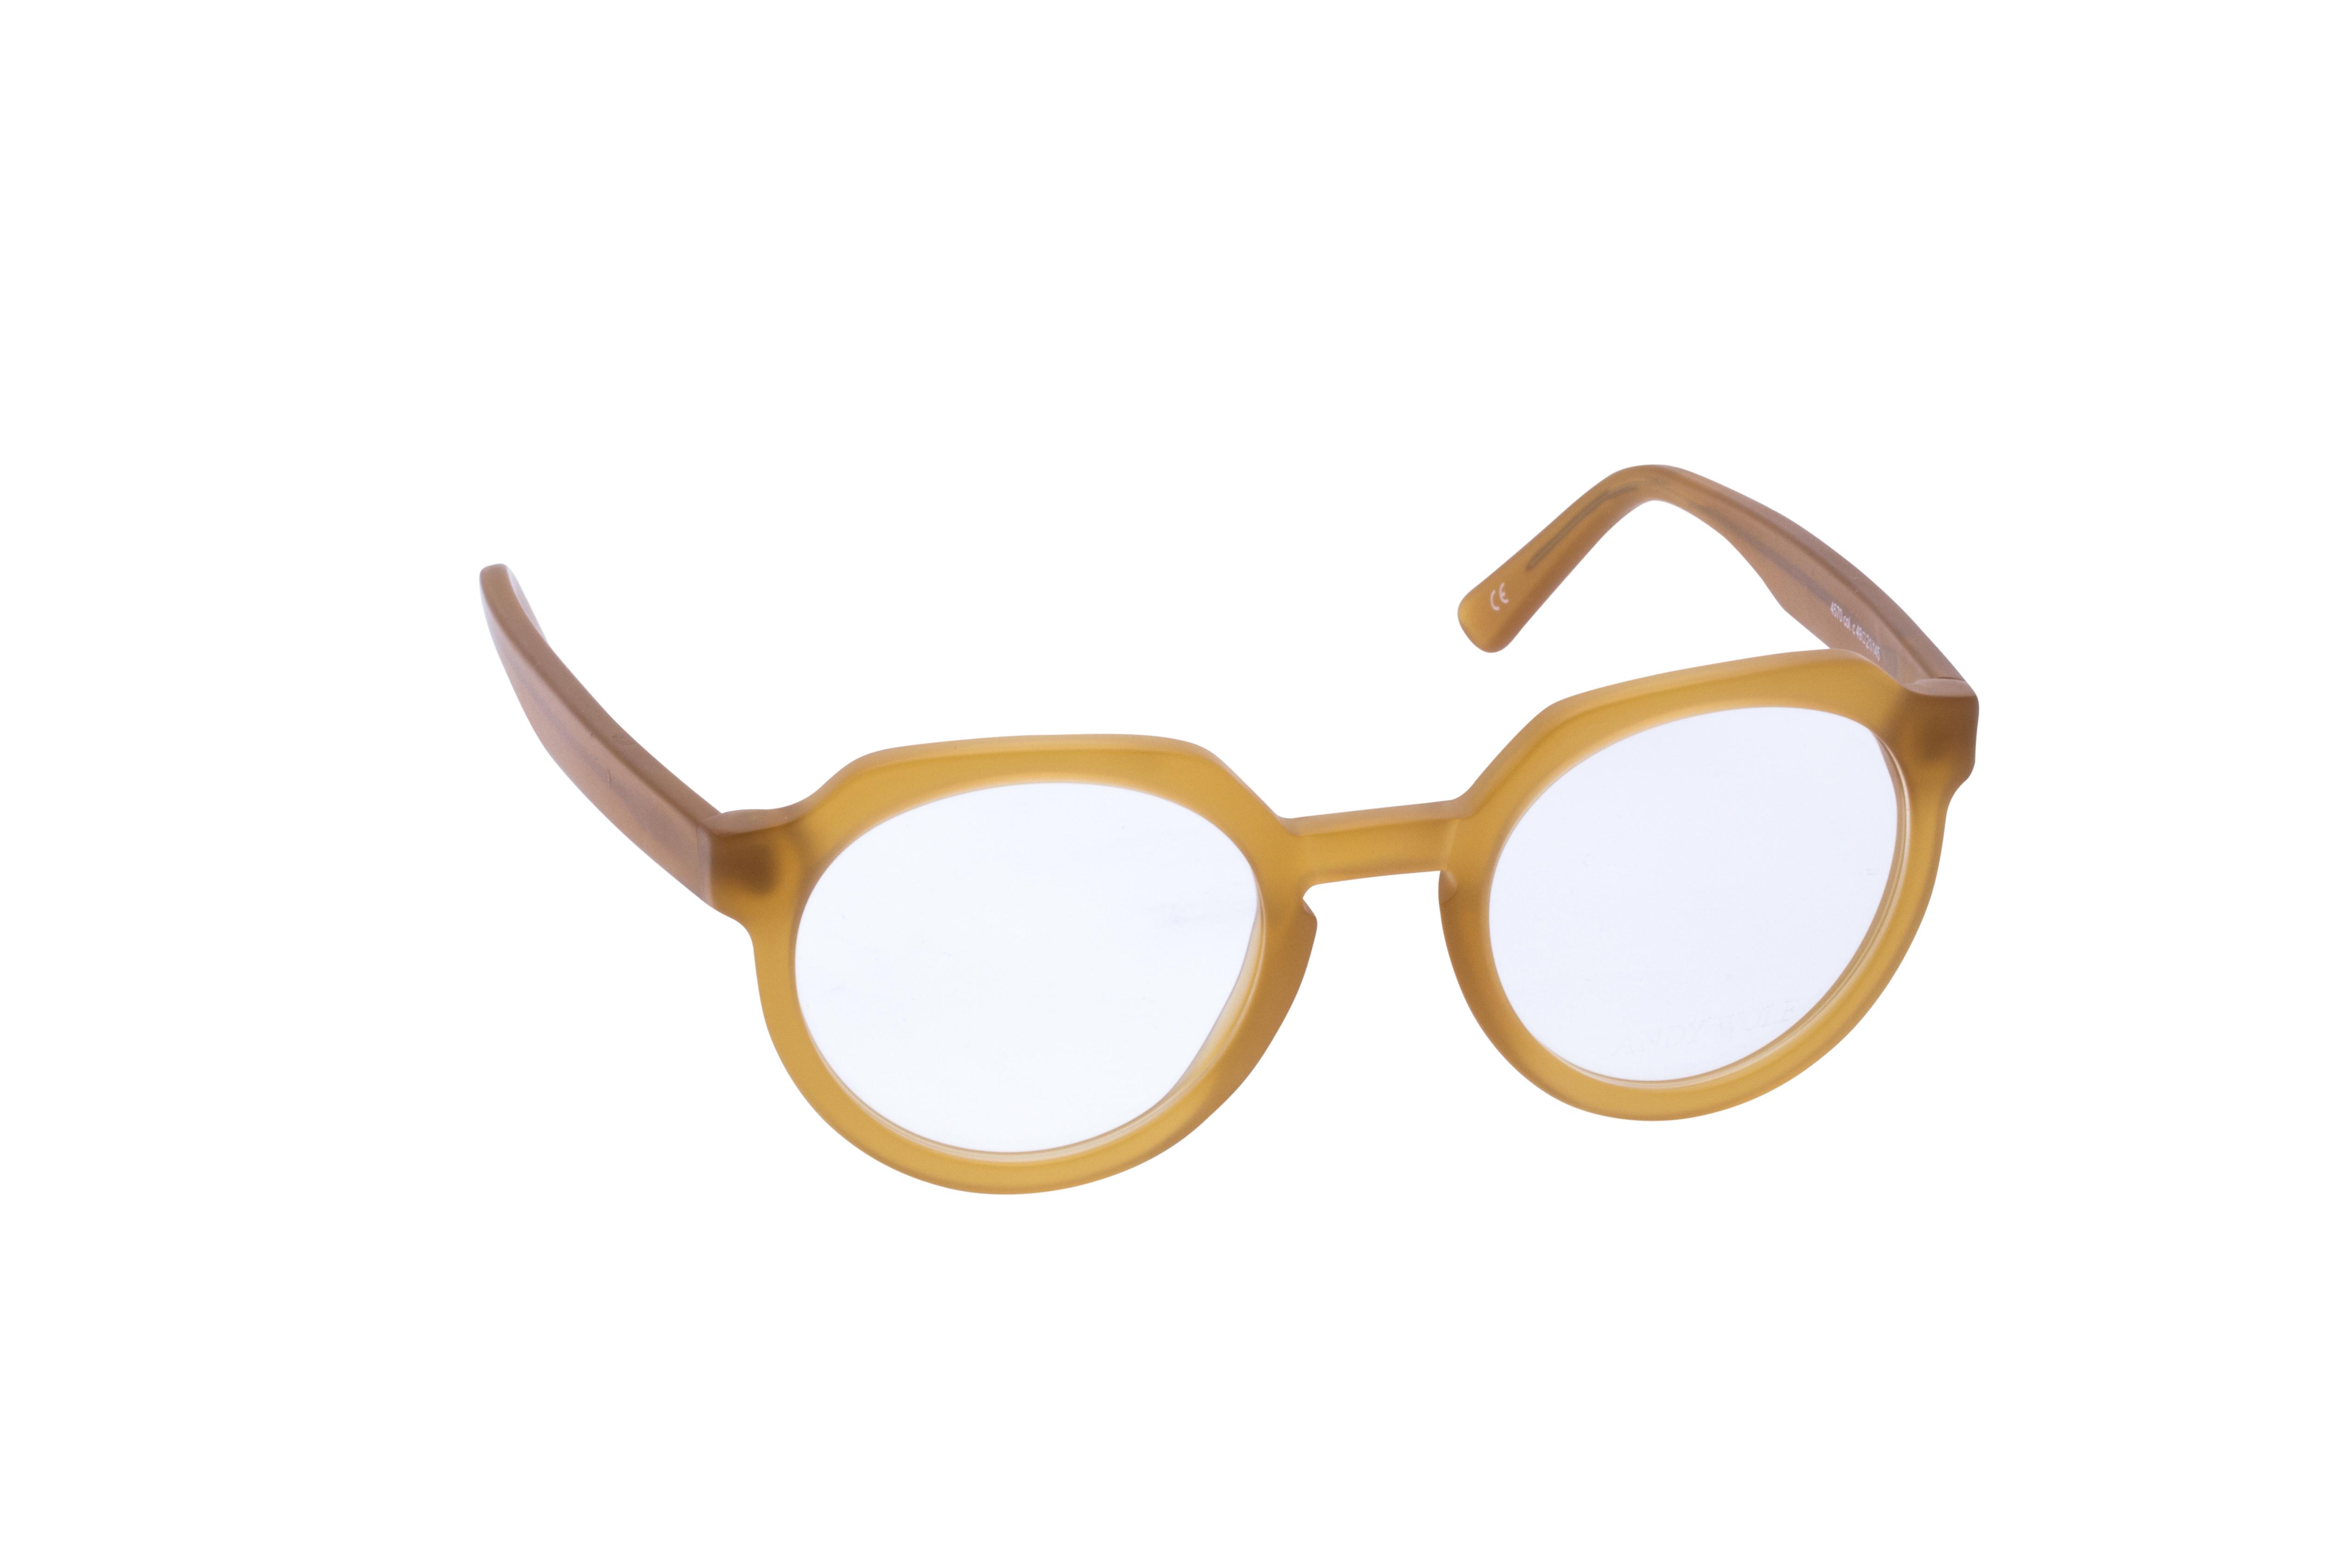 360 Grad Ansicht 1 Andy Wolf 4570, Brille auf Weiß - Fassung bei KUNK